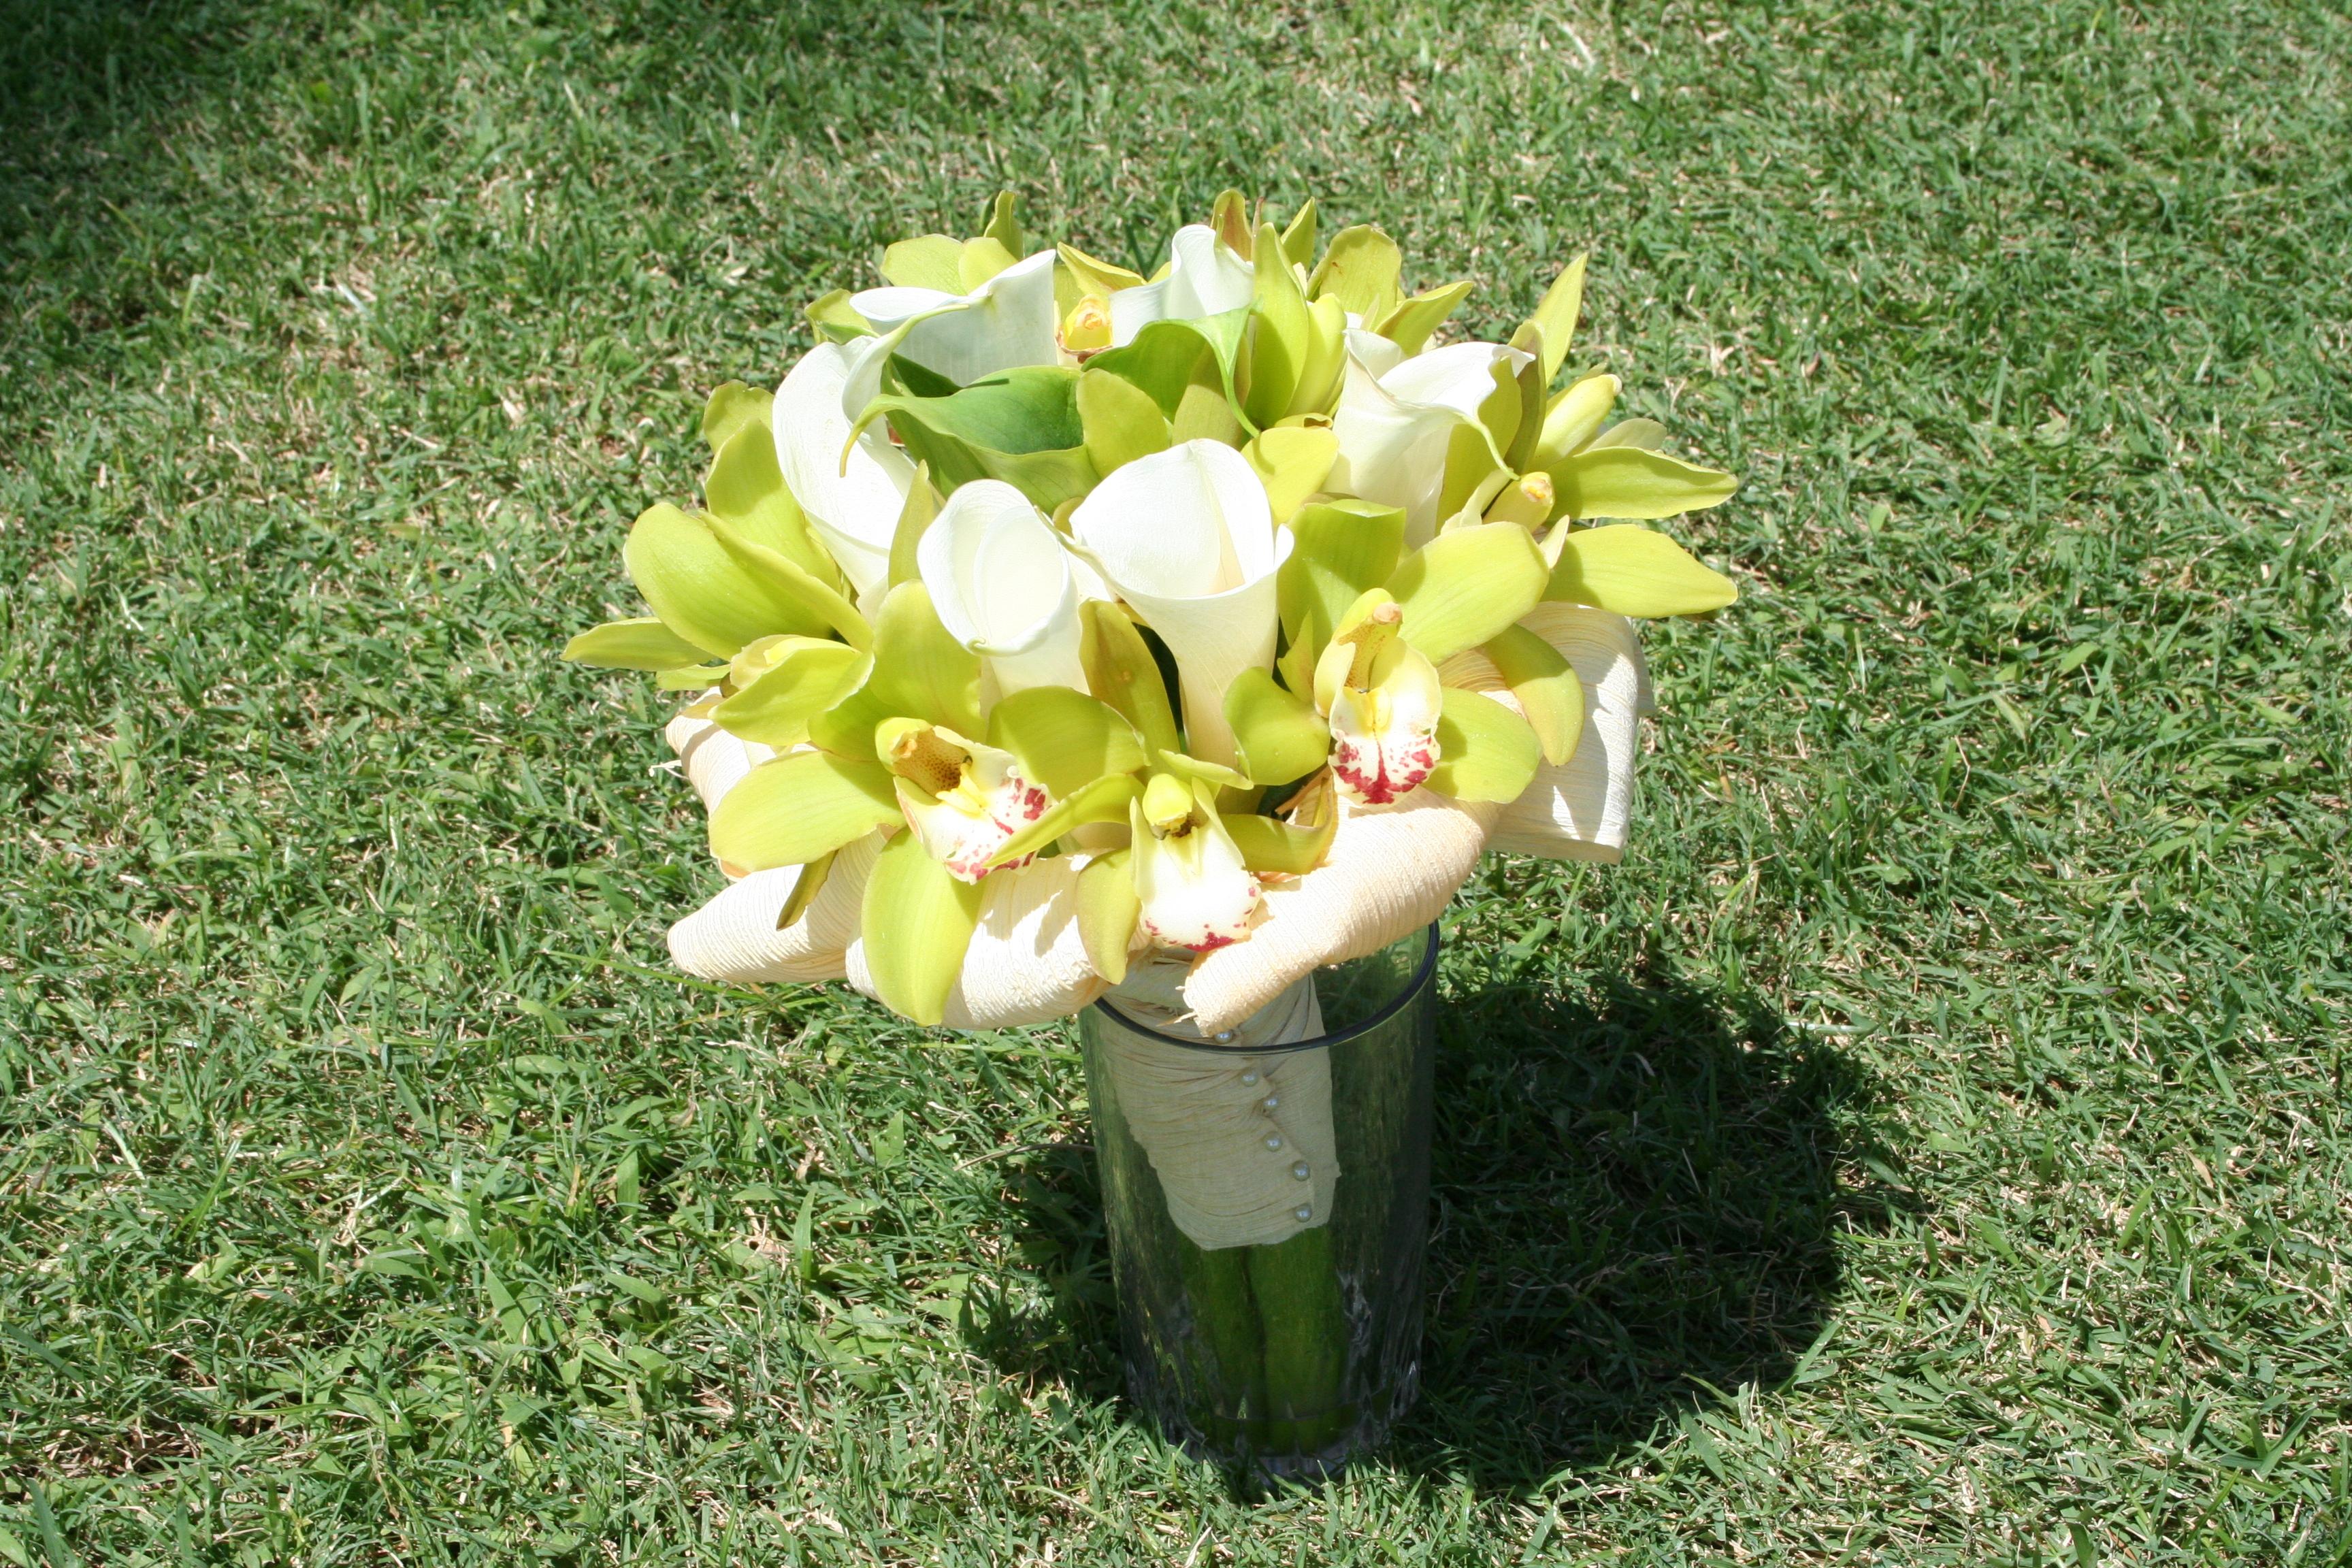 Flowers & Decor, white, green, Bride Bouquets, Flowers, Bouquet, Orchid, Tropical, Unique, Floral, Designer, Design, Florist, Maria, Masterson